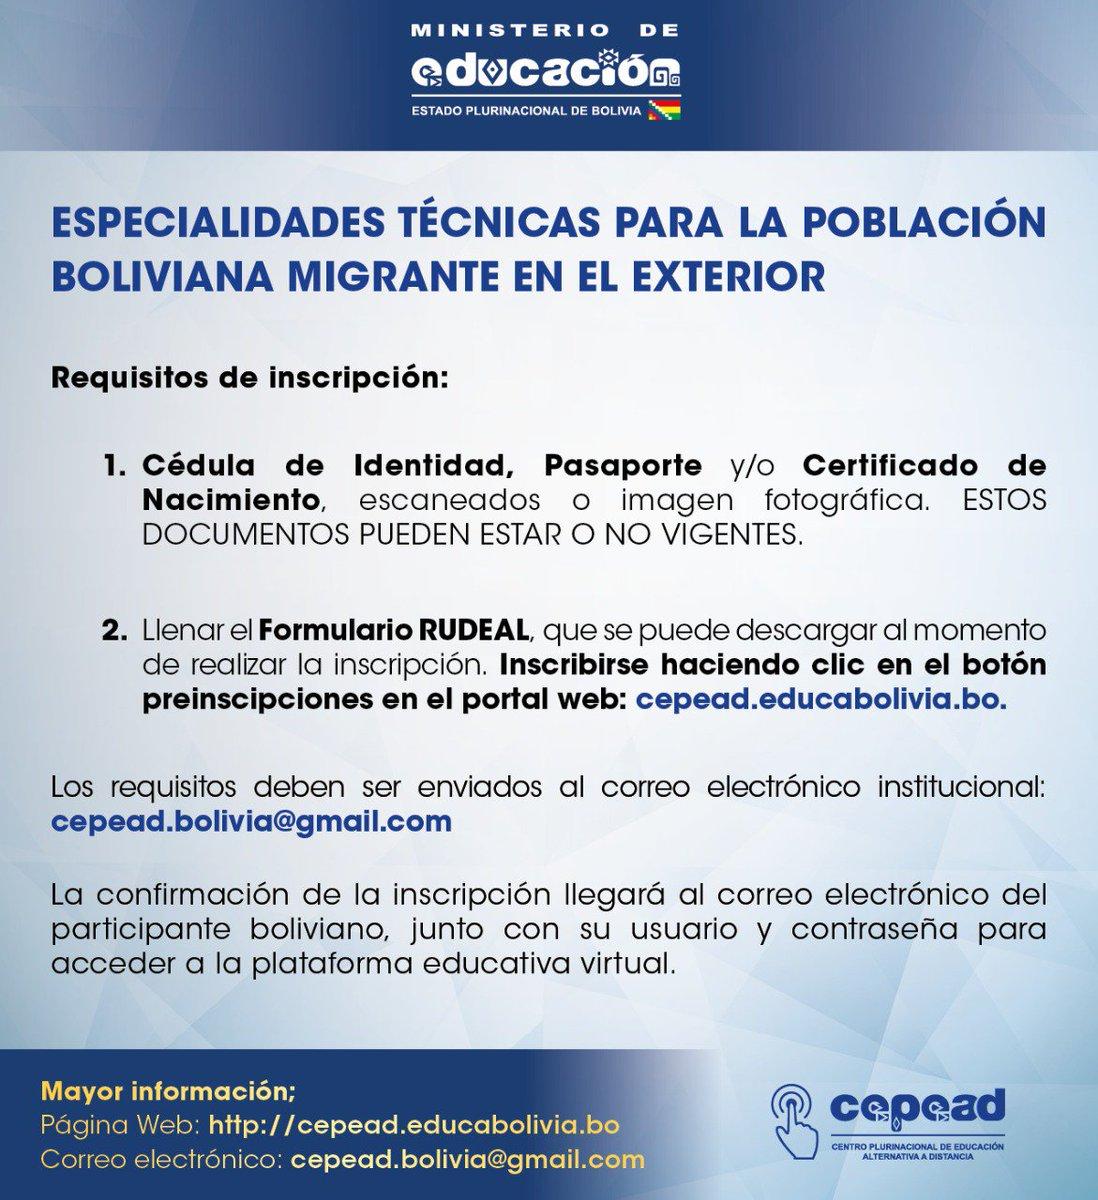 Encantador Certificado De Nacimiento Original Uk Elaboración - Cómo ...